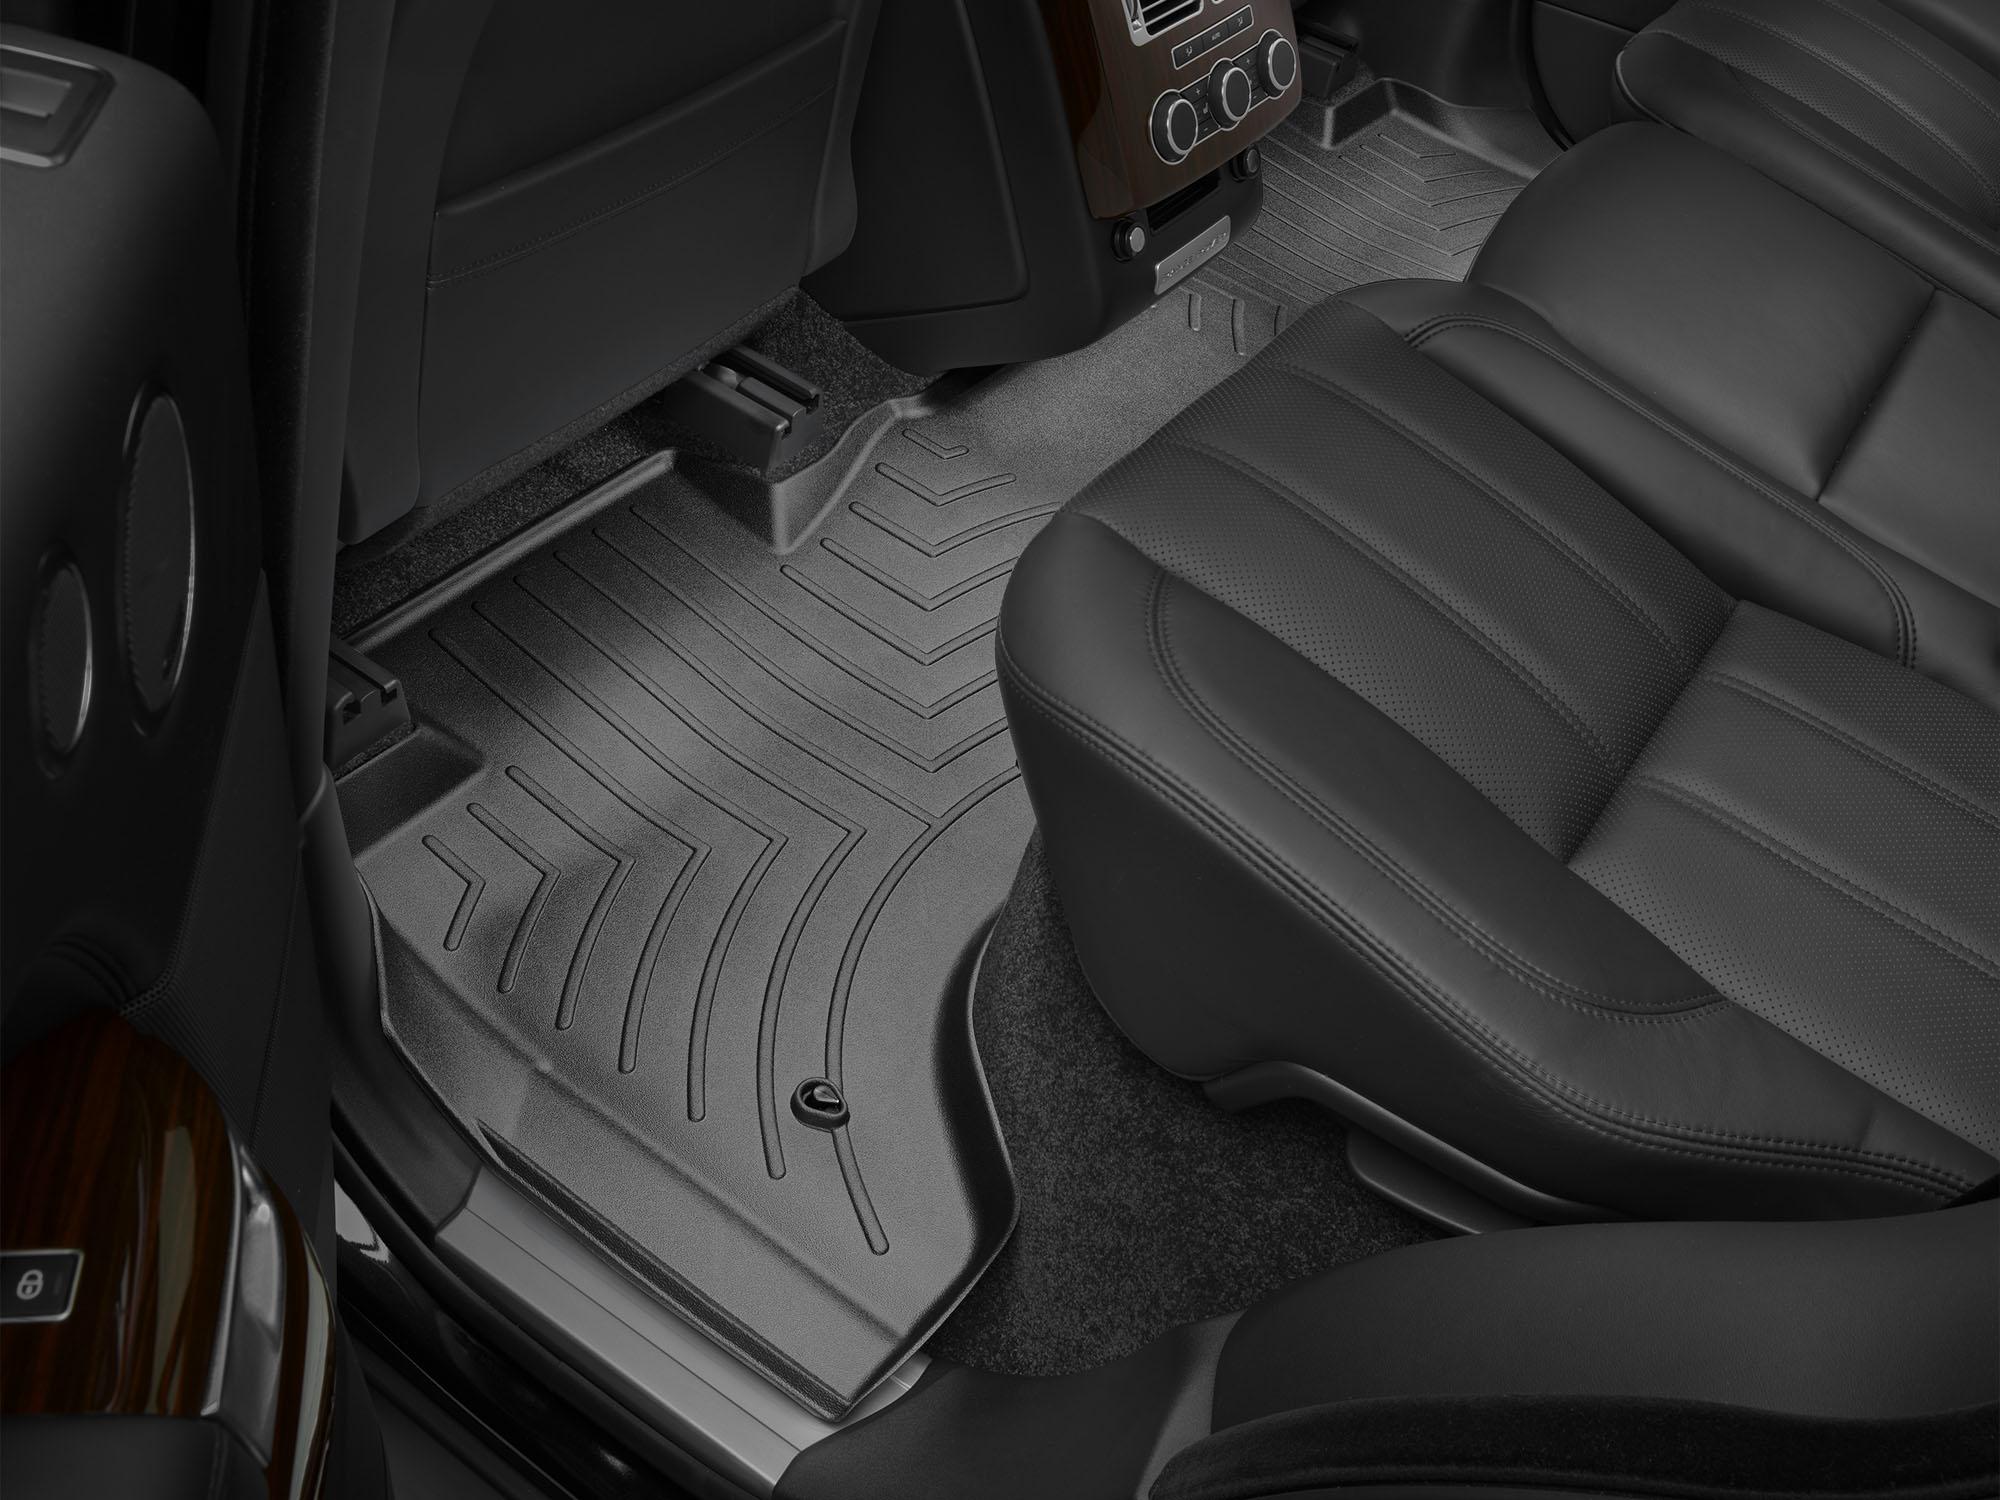 Tappeti gomma su misura bordo alto Land Rover 13>17 Nero A1990*